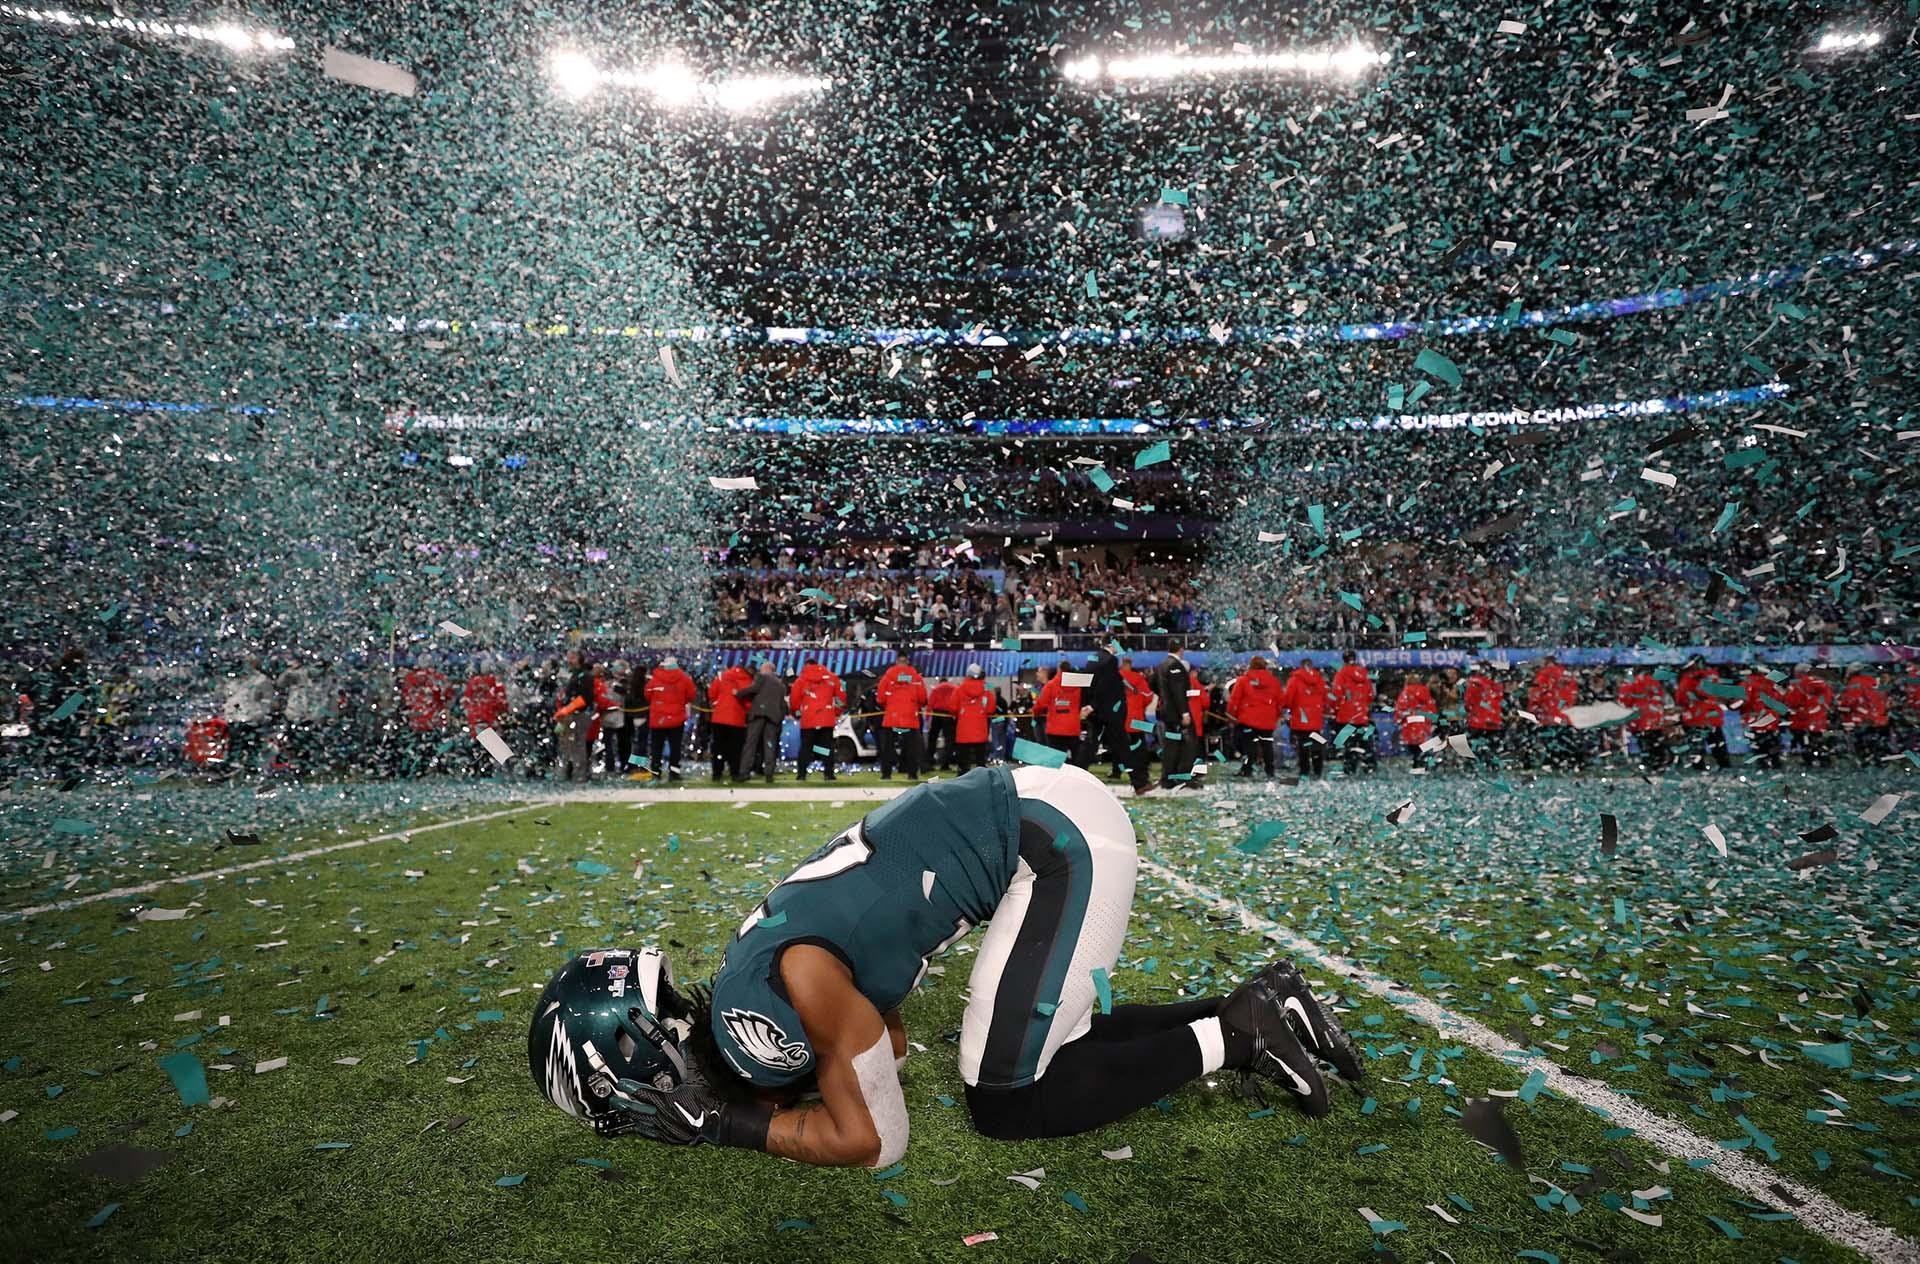 Patrick Robinson, de los Philadelphia Eagles, celebra la obtención del Super Bowl en el US Bank Stadium de Minnesota el 4 de febrero